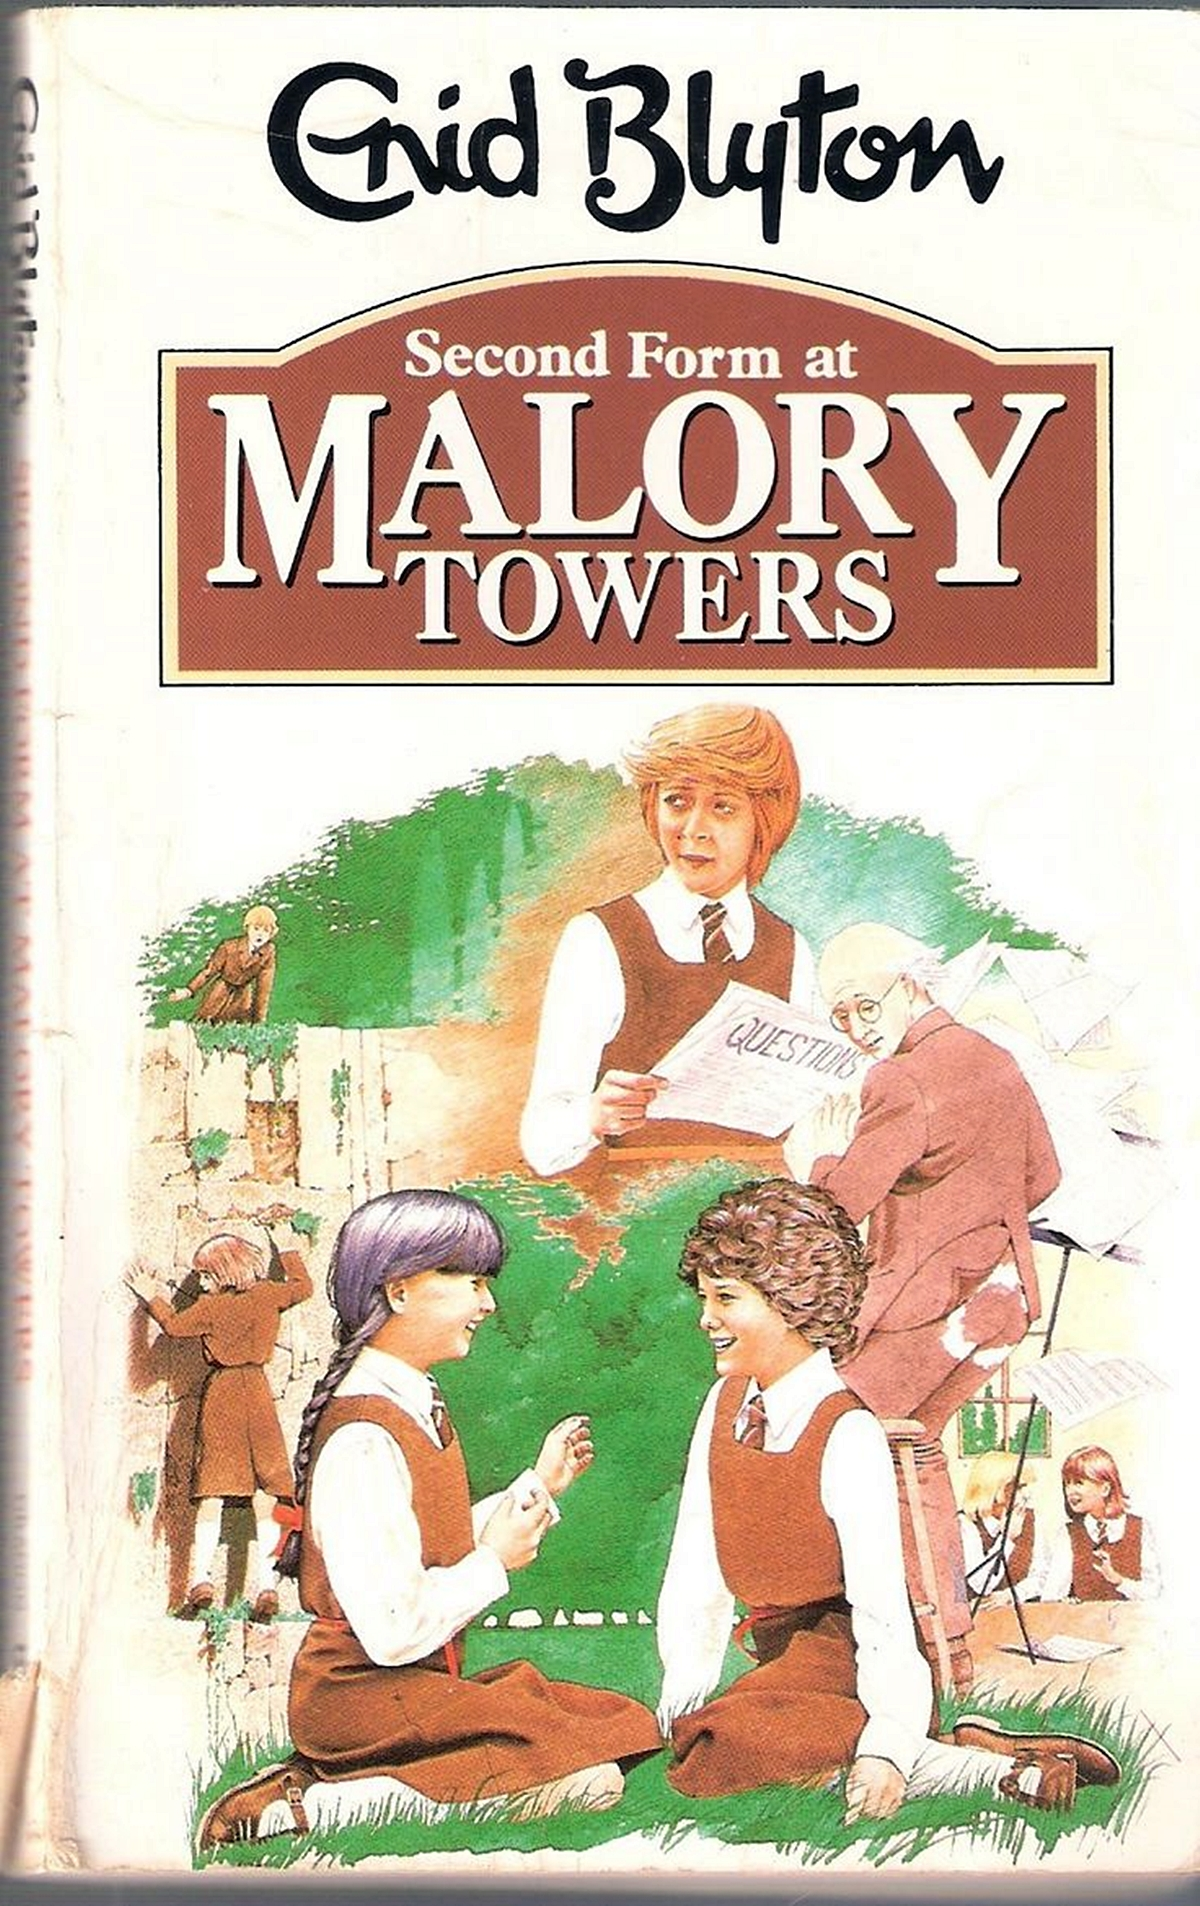 8 12 12 Enid Blyton Books We Loved Reading As Children